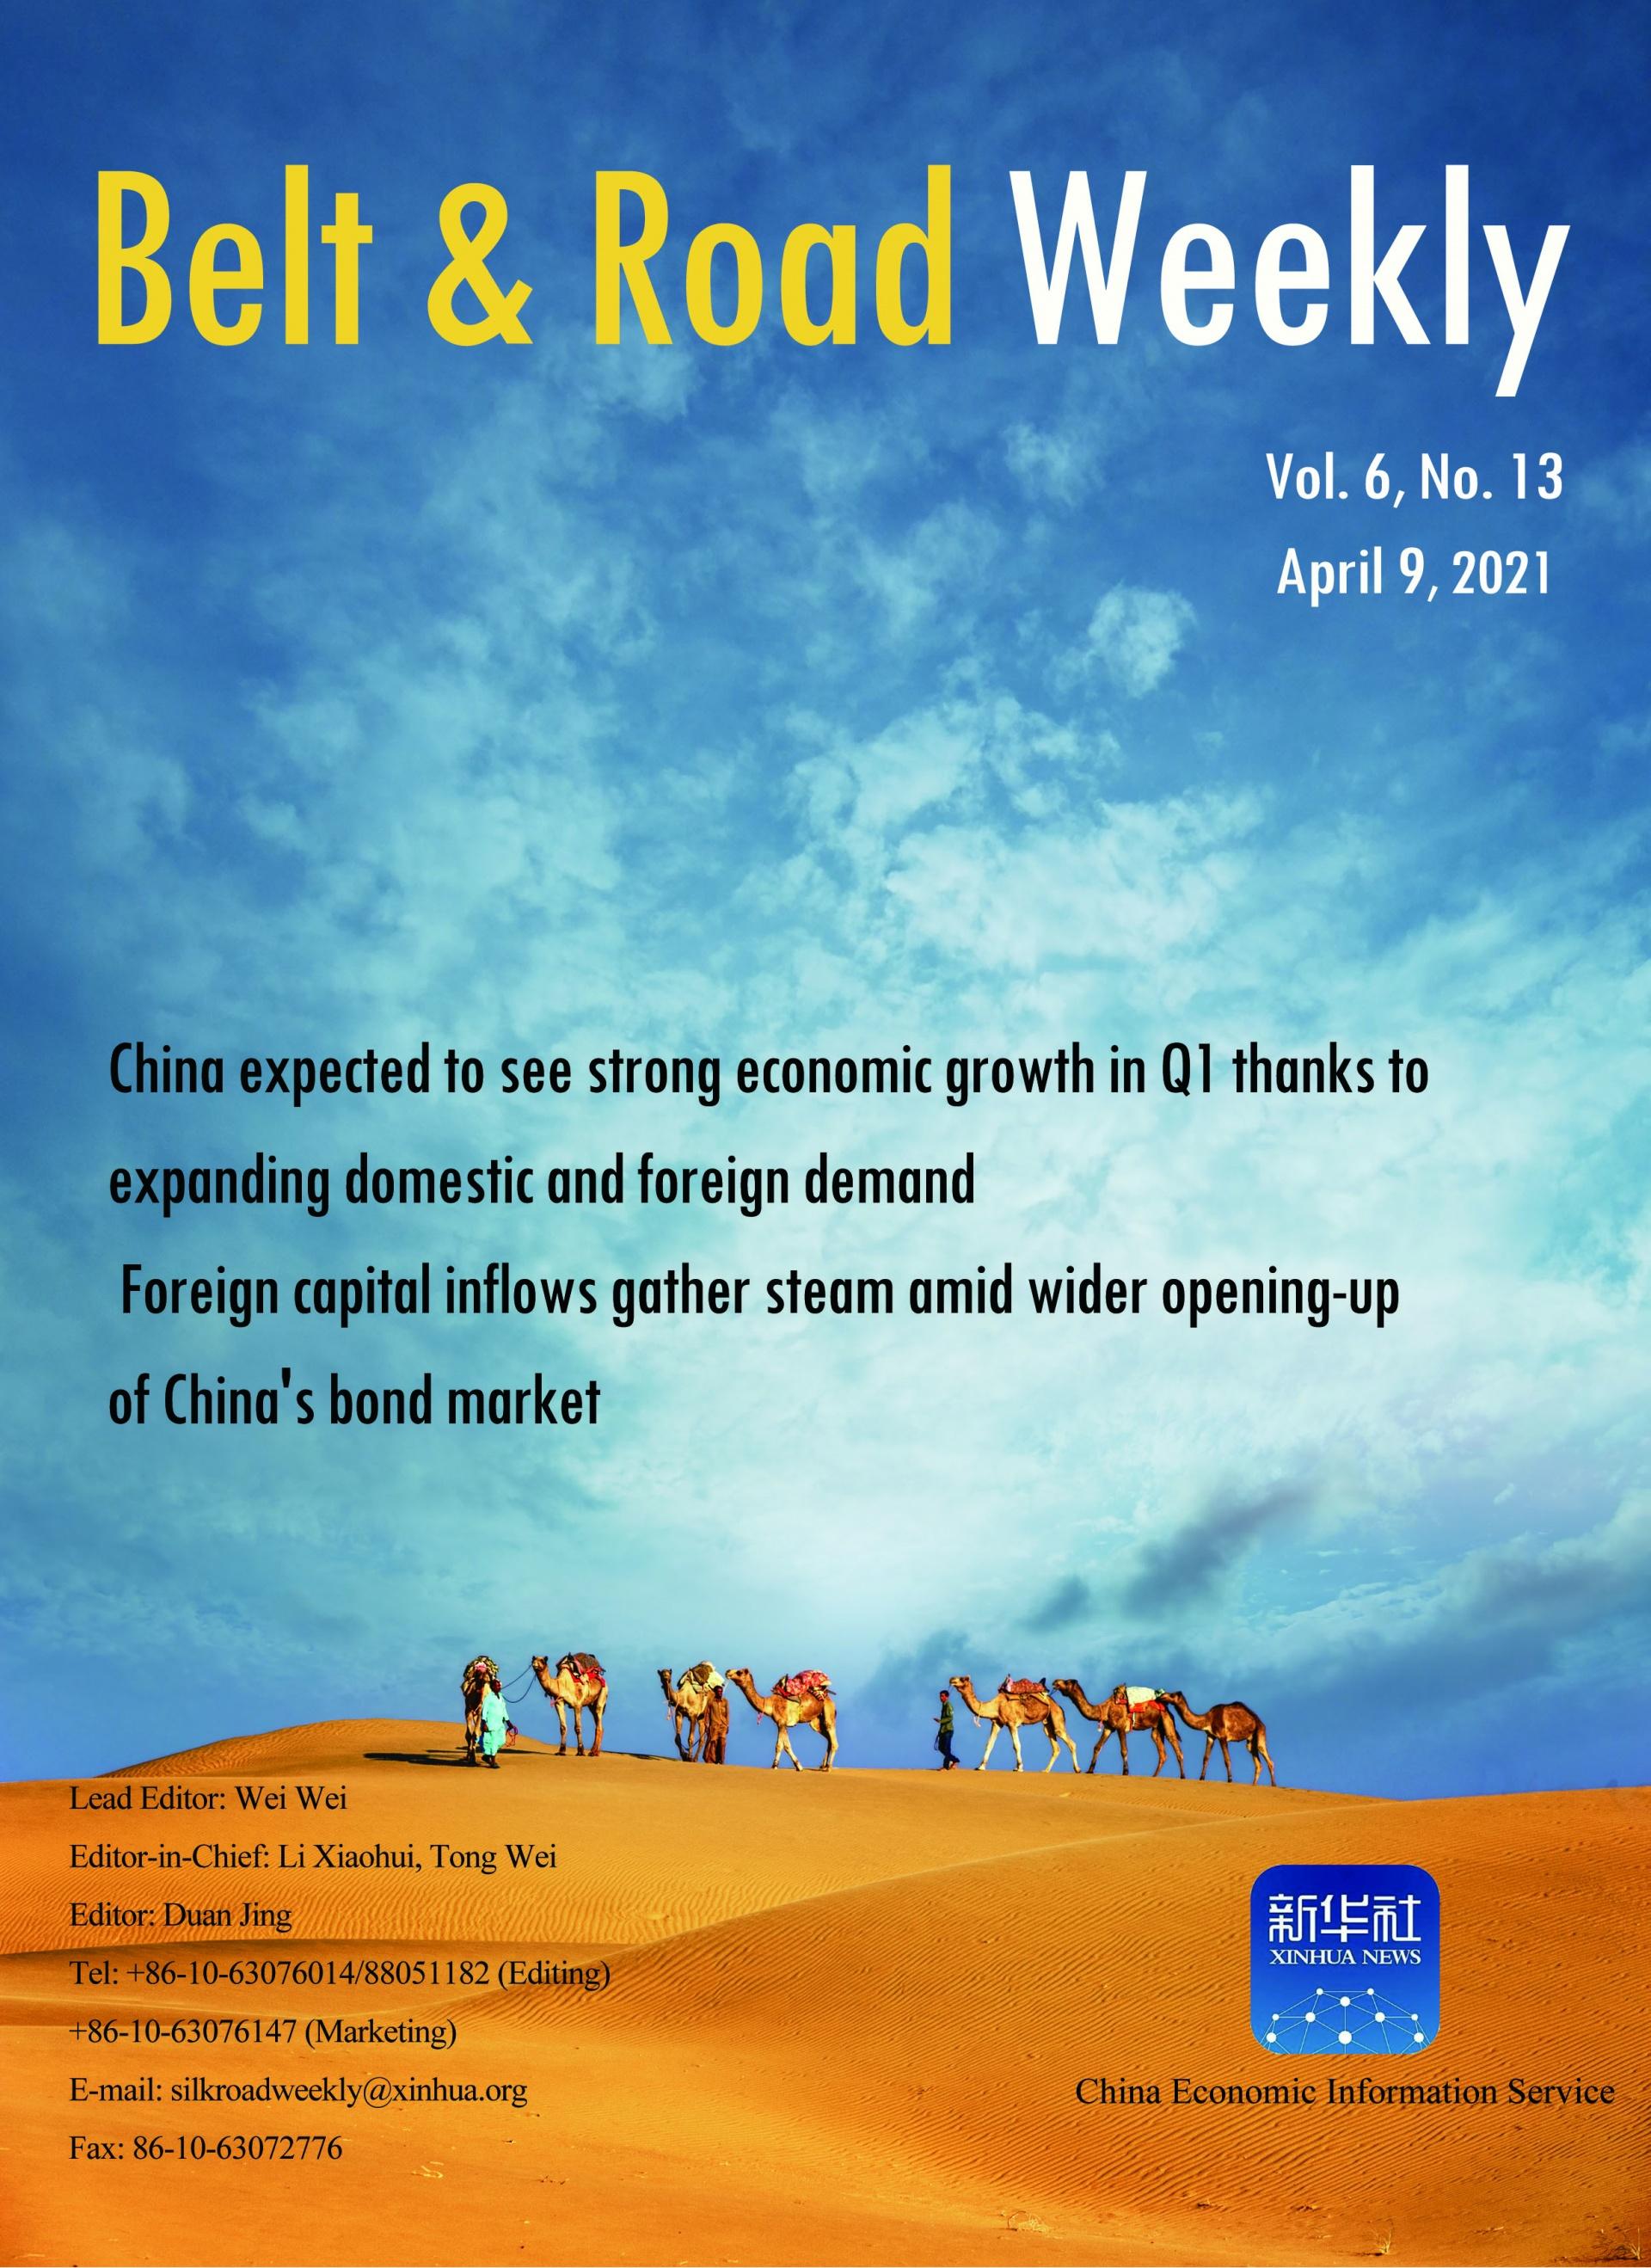 Belt & Road Weekly Vol. 6 No.13